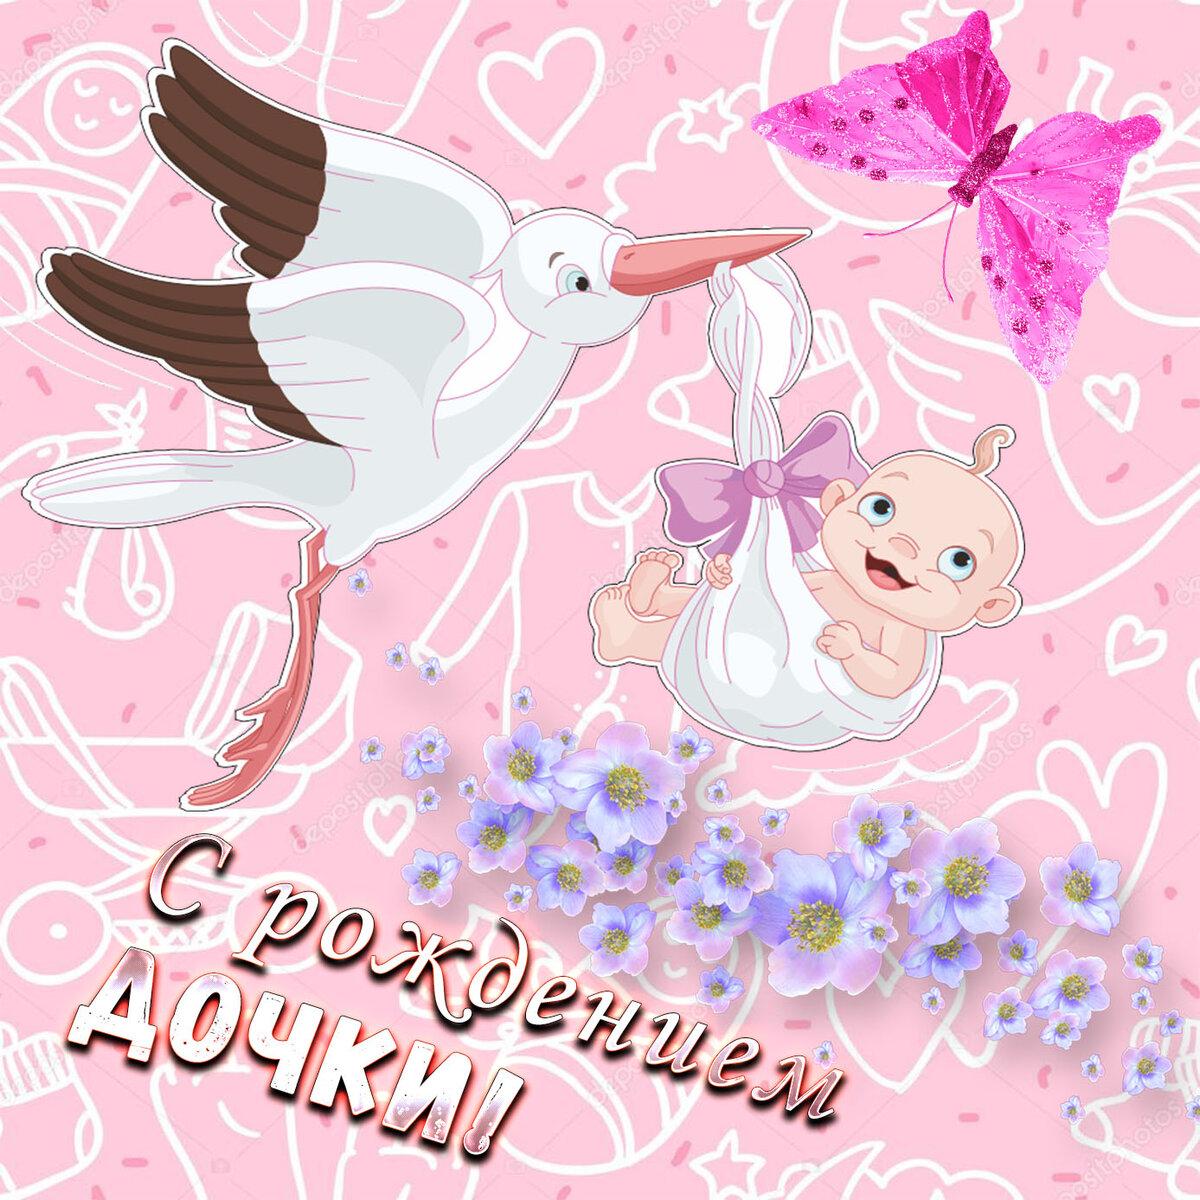 обитания с днем рождения доченька картинках стильные только